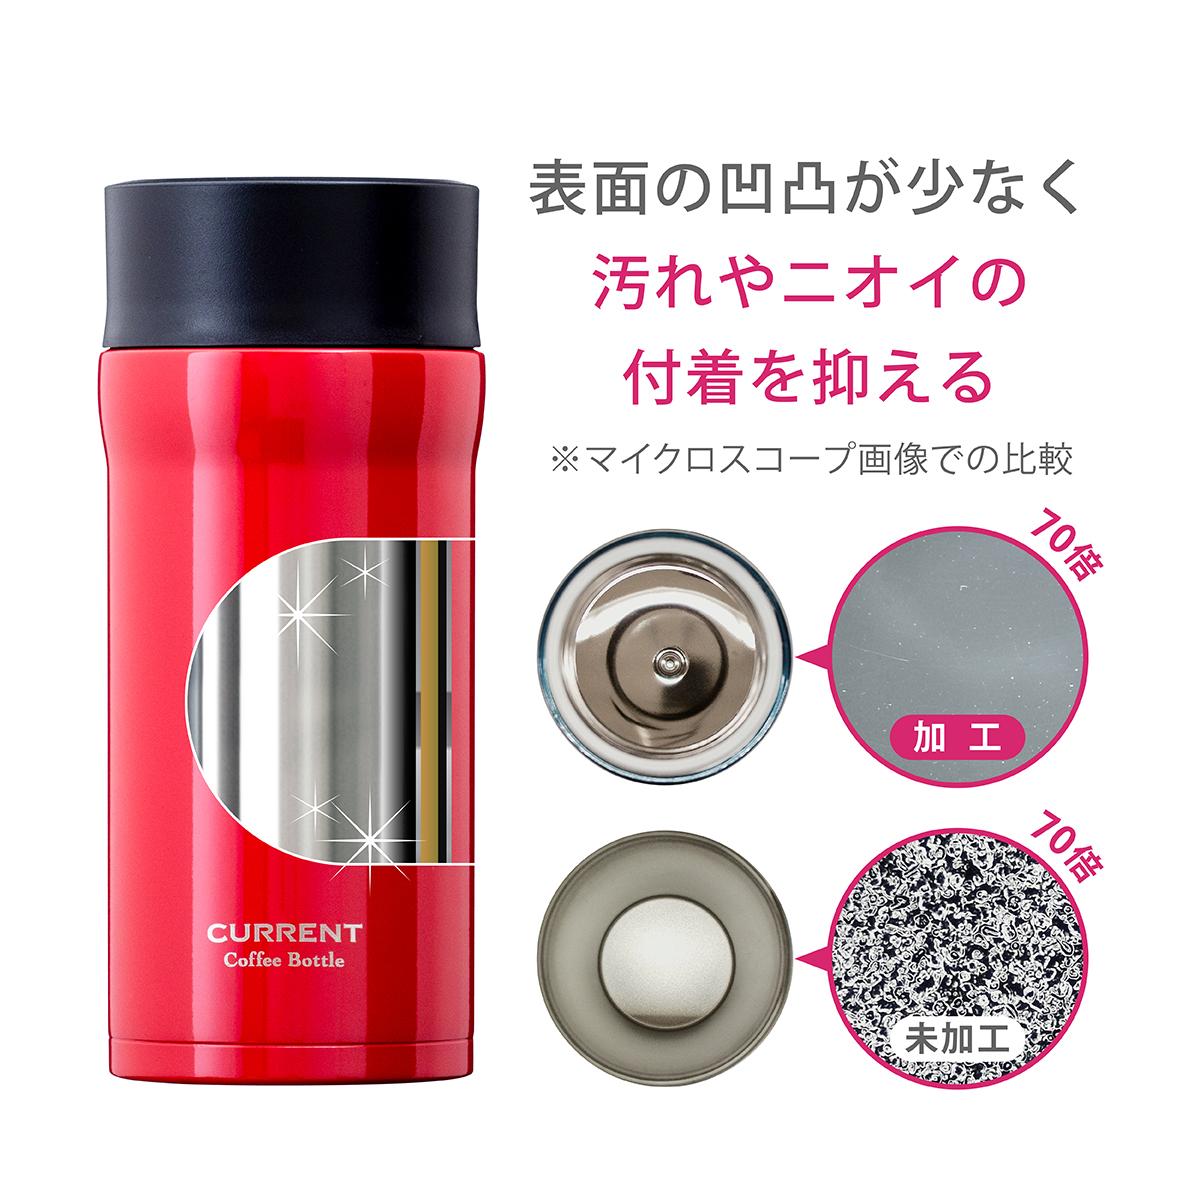 CURRENT コーヒーマグボトル 350ml ブラック image03